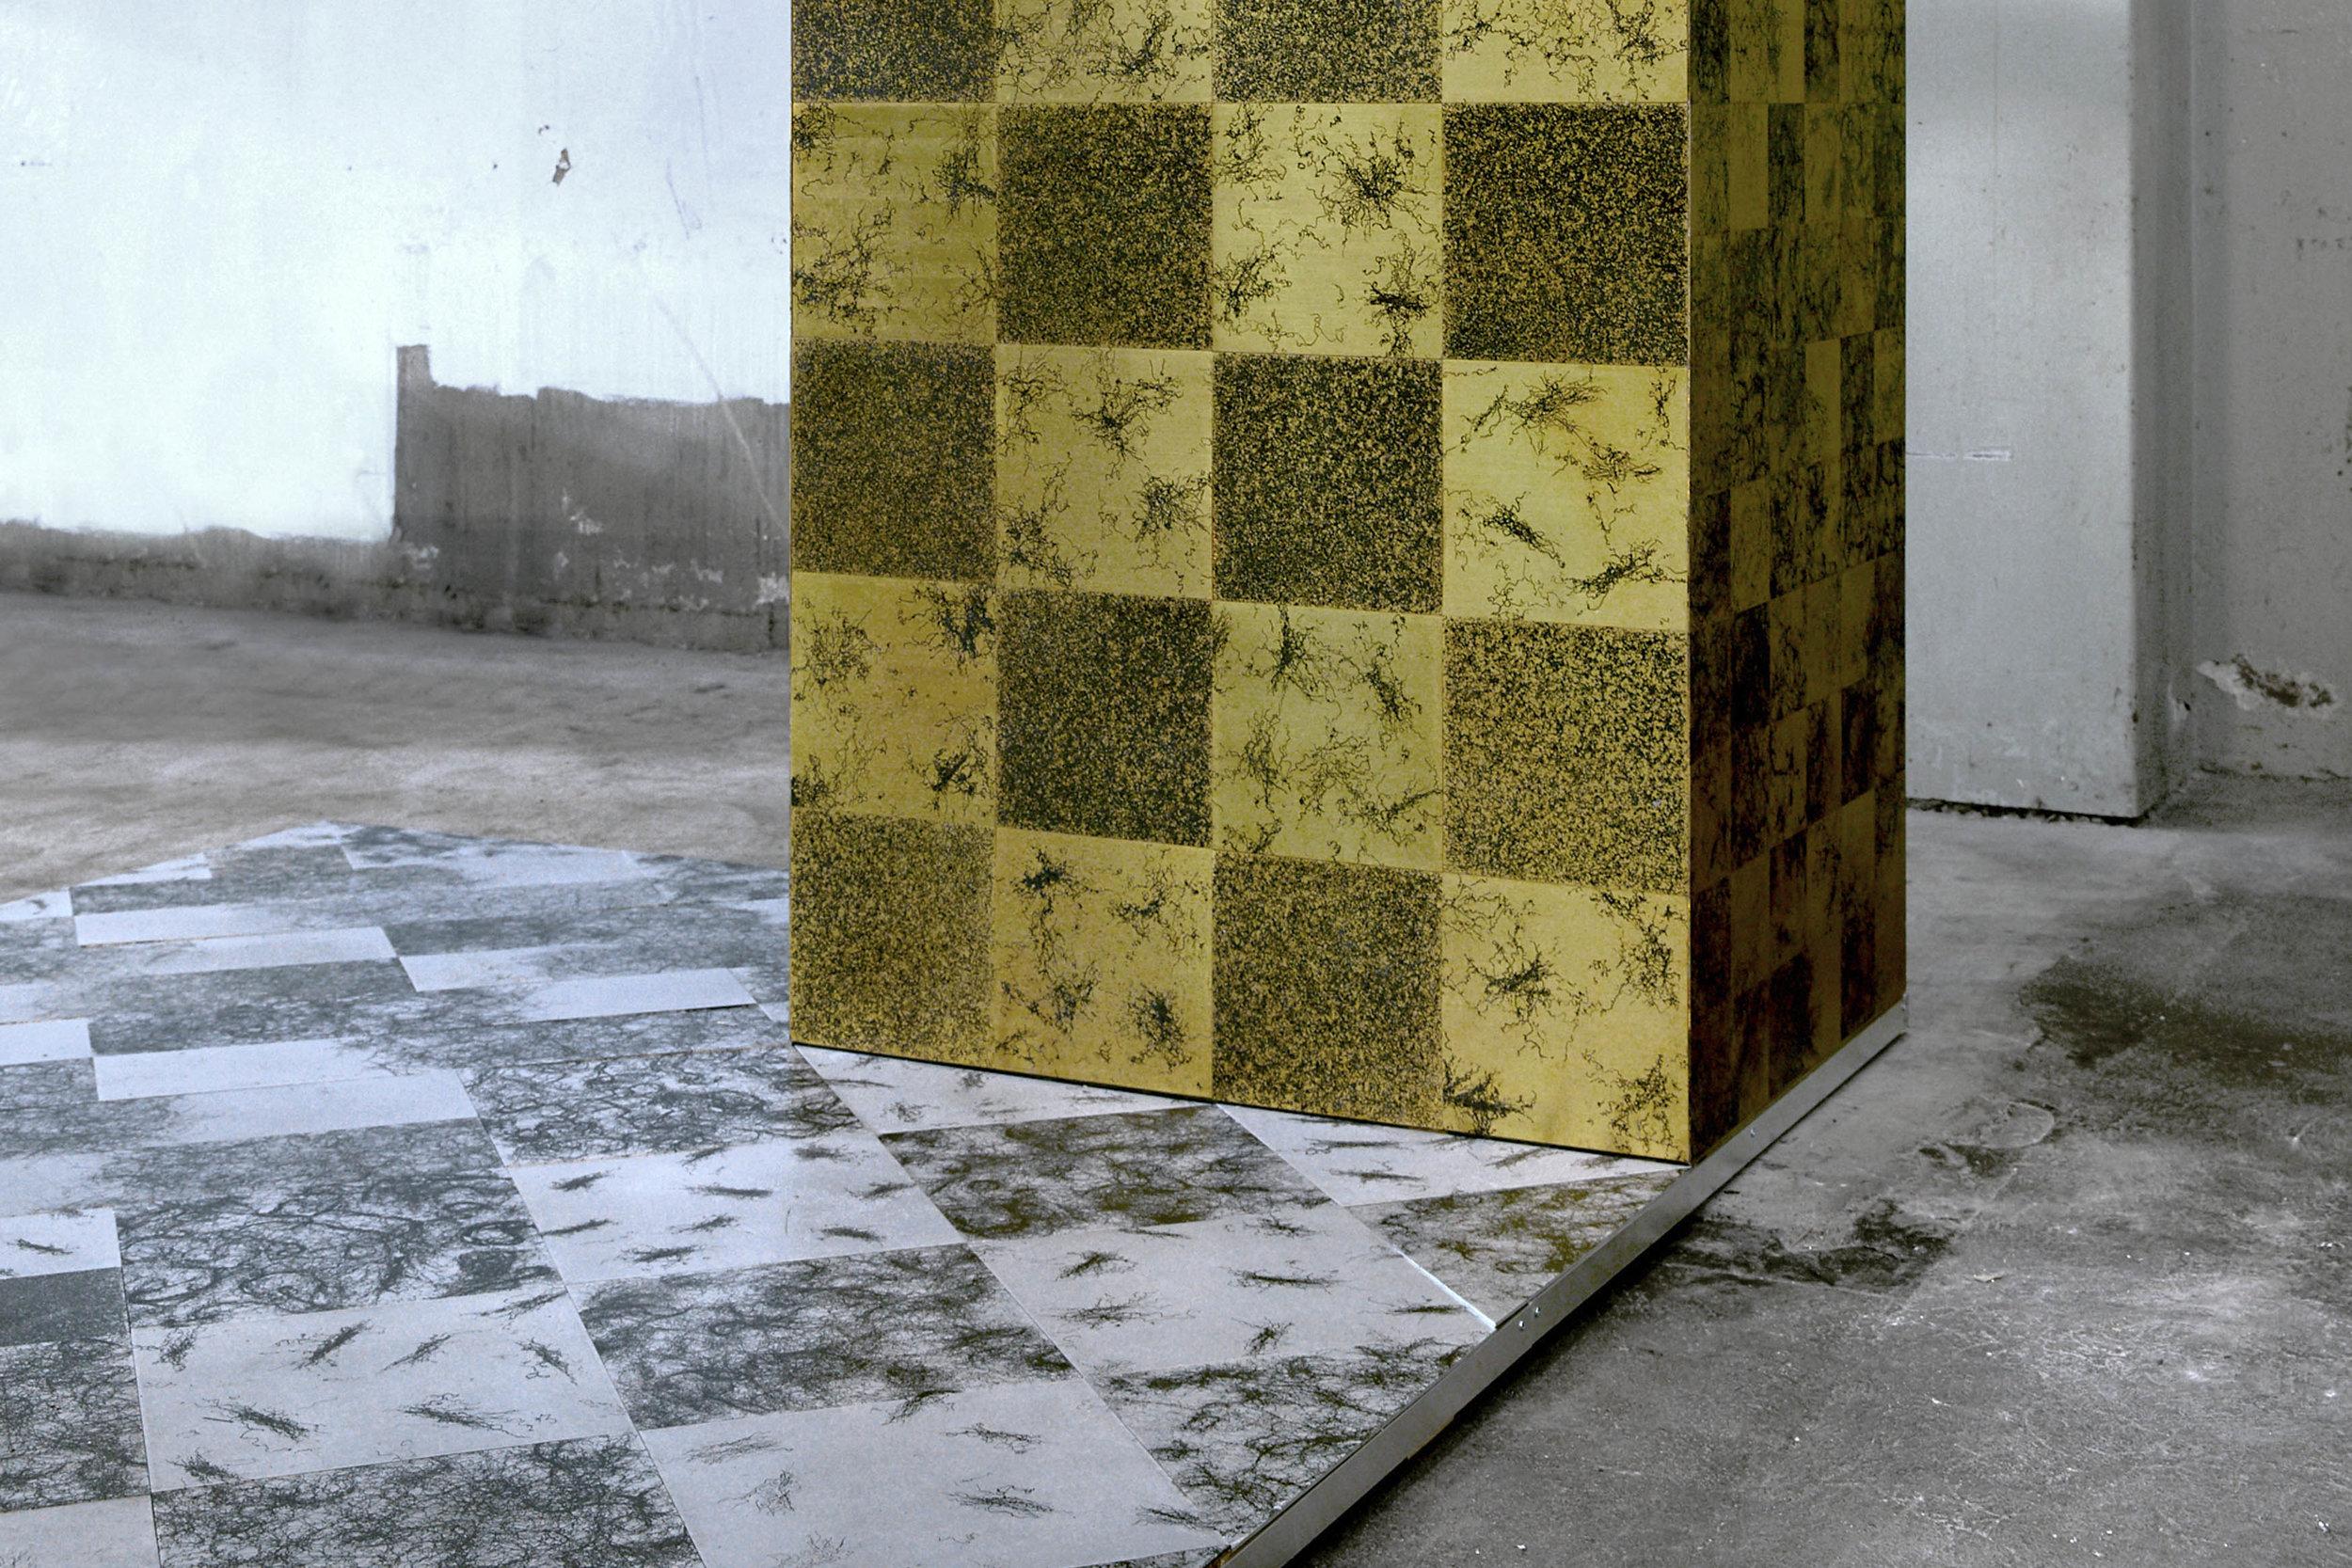 Courtesy of Design Biennale Zurich, CH.